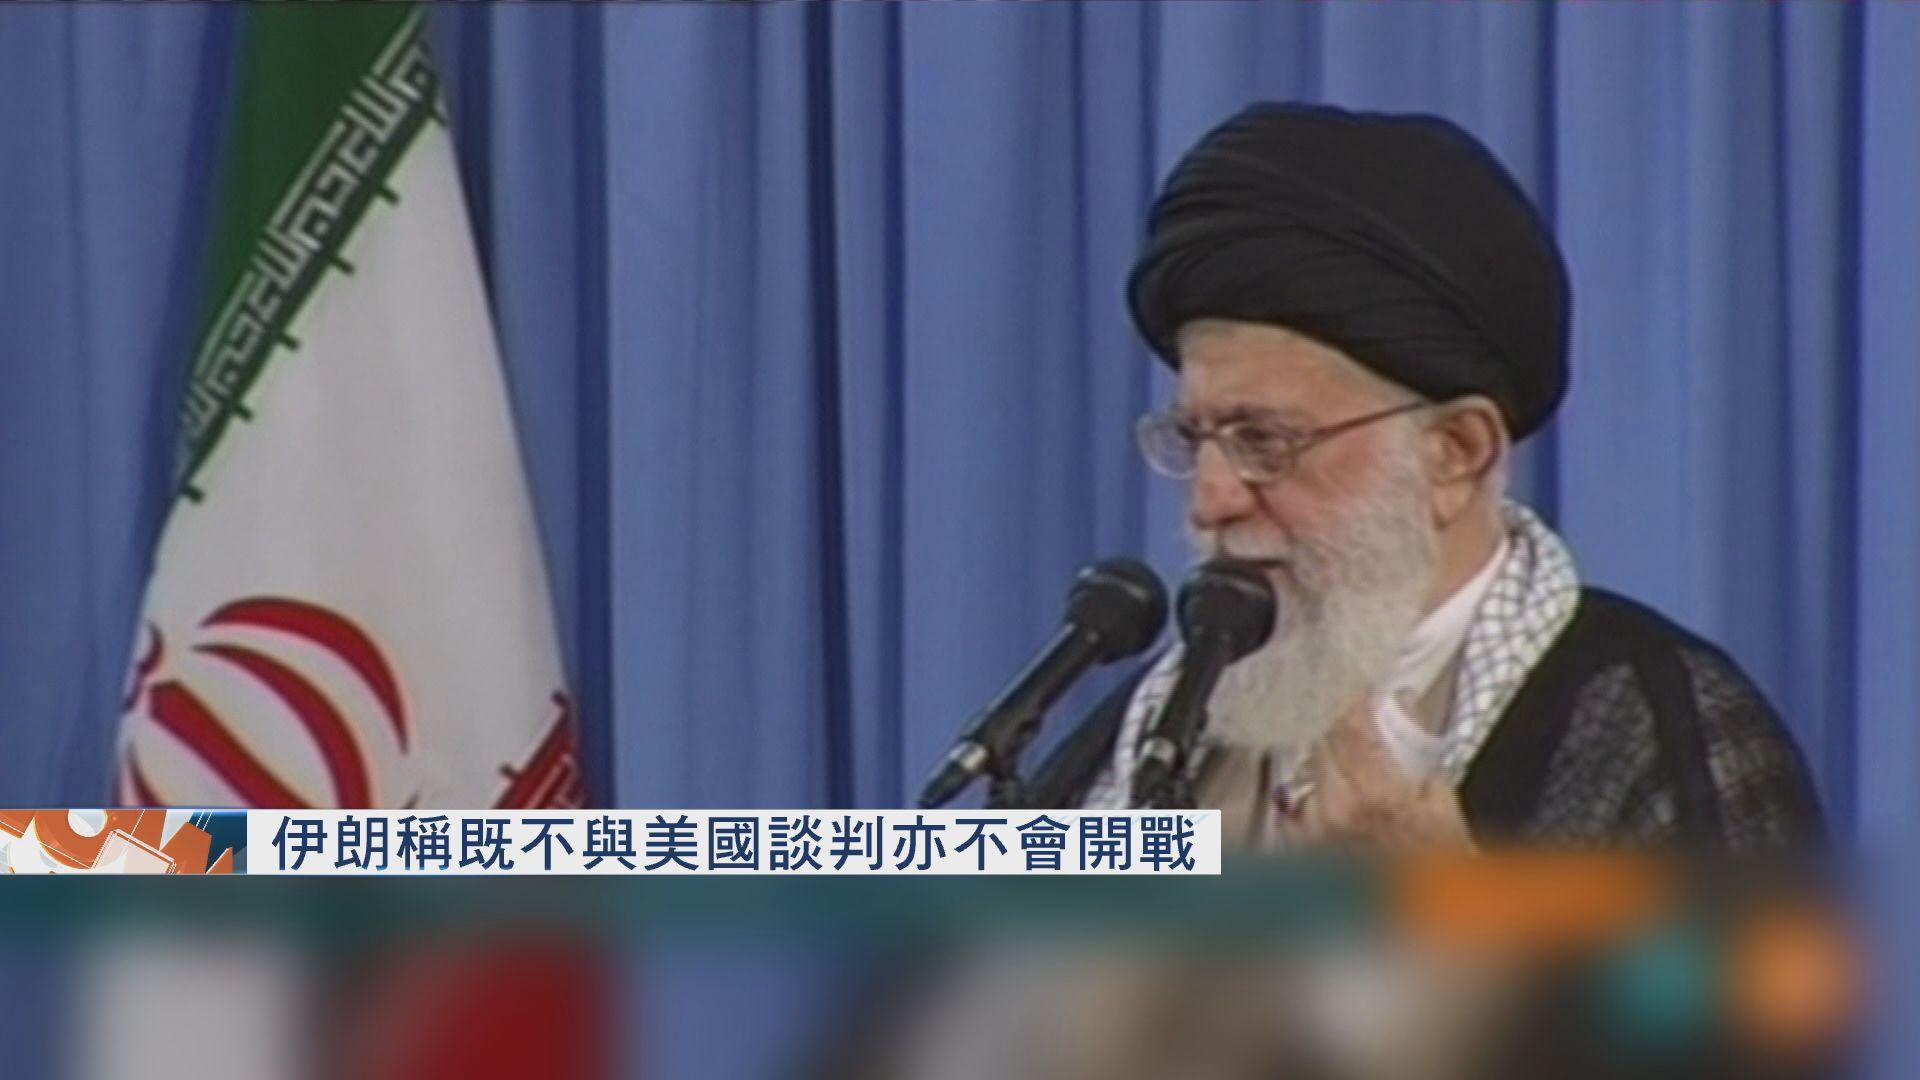 伊朗:既不與美國談判亦不會開戰